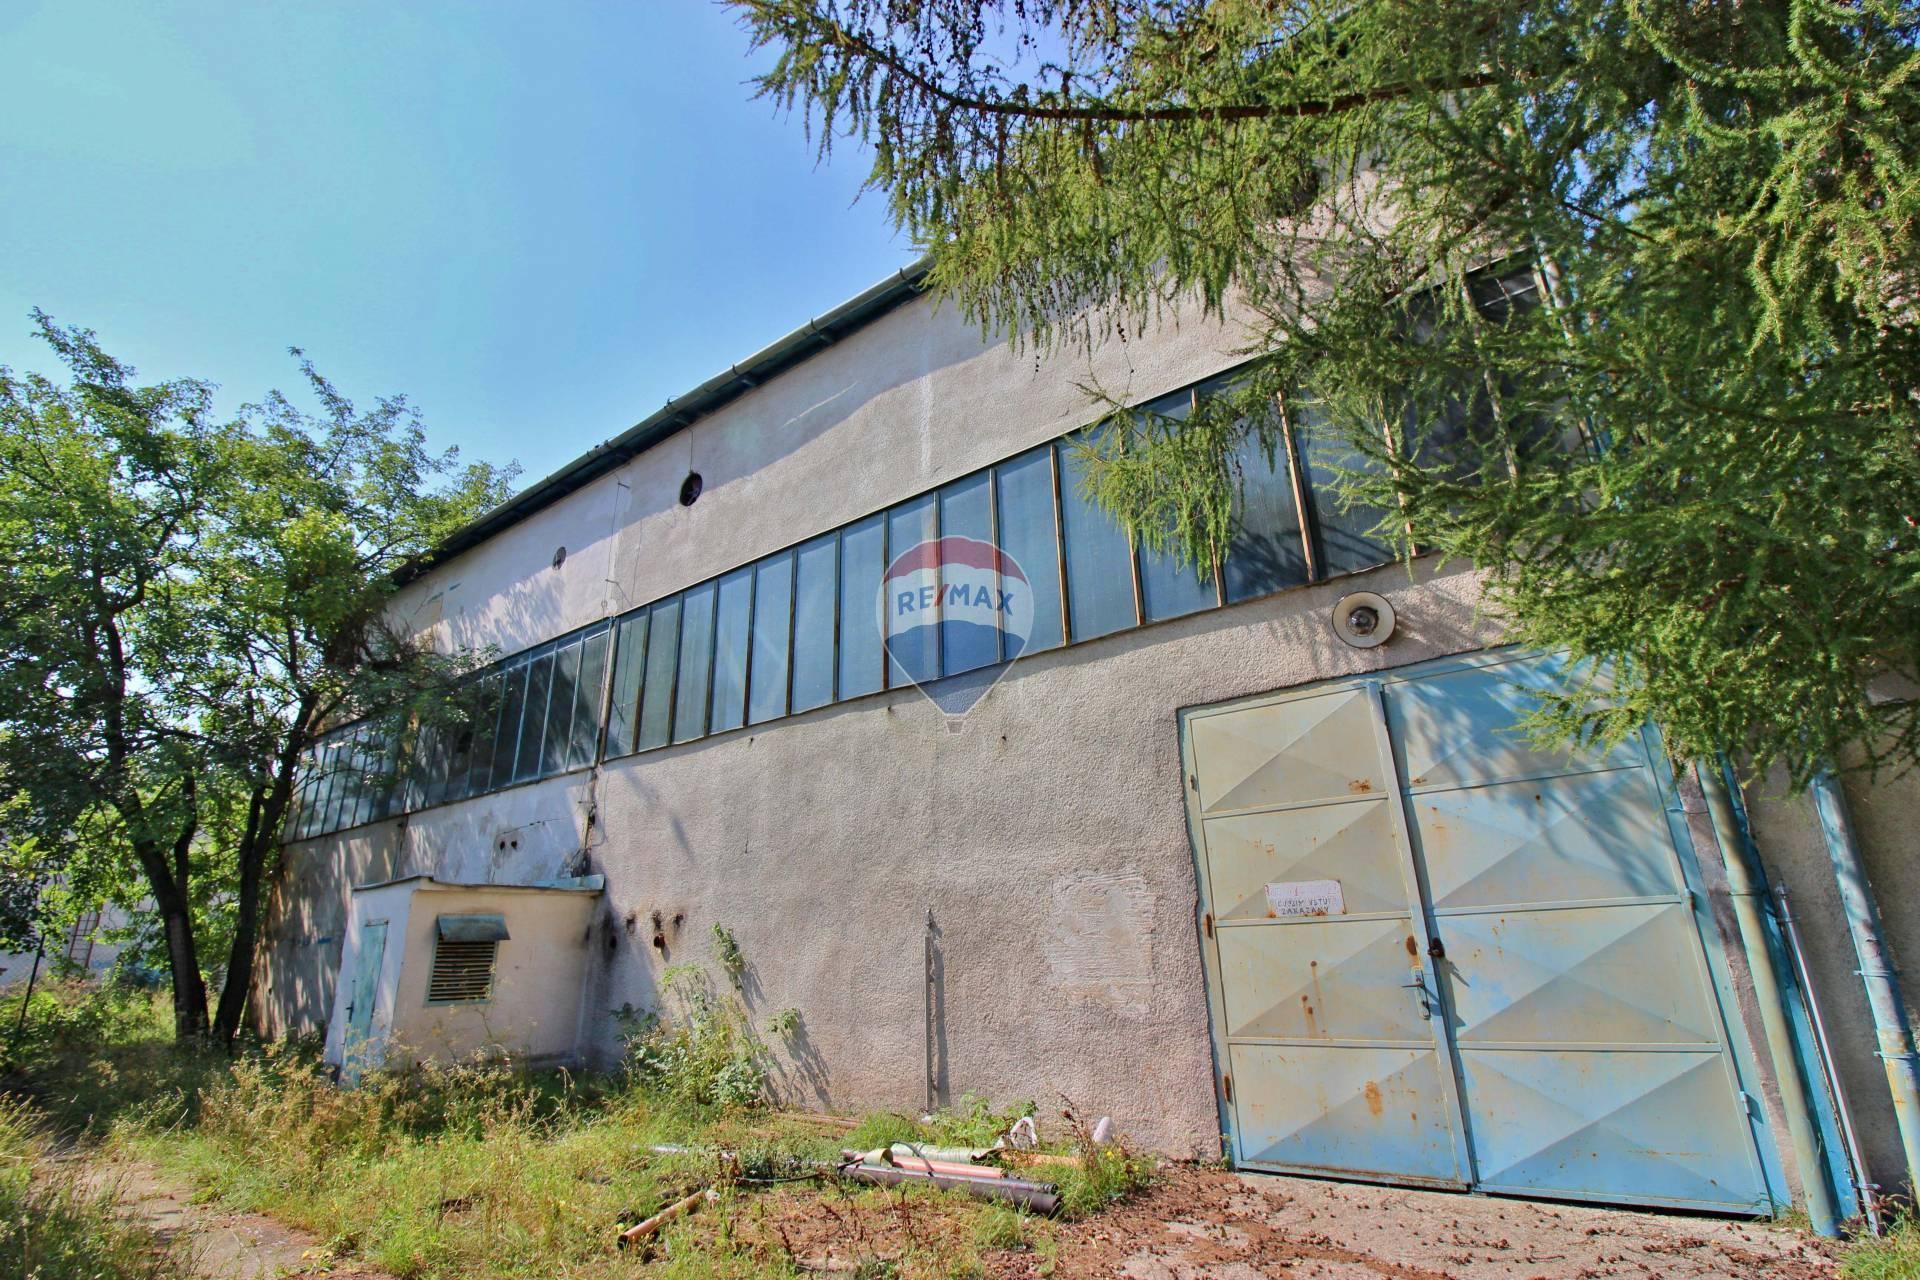 Prenájom komerčného objektu 309 m2, Nitra - PRENÁJOM komerčného objektu 365 m2, Nitra Dolné Krškany